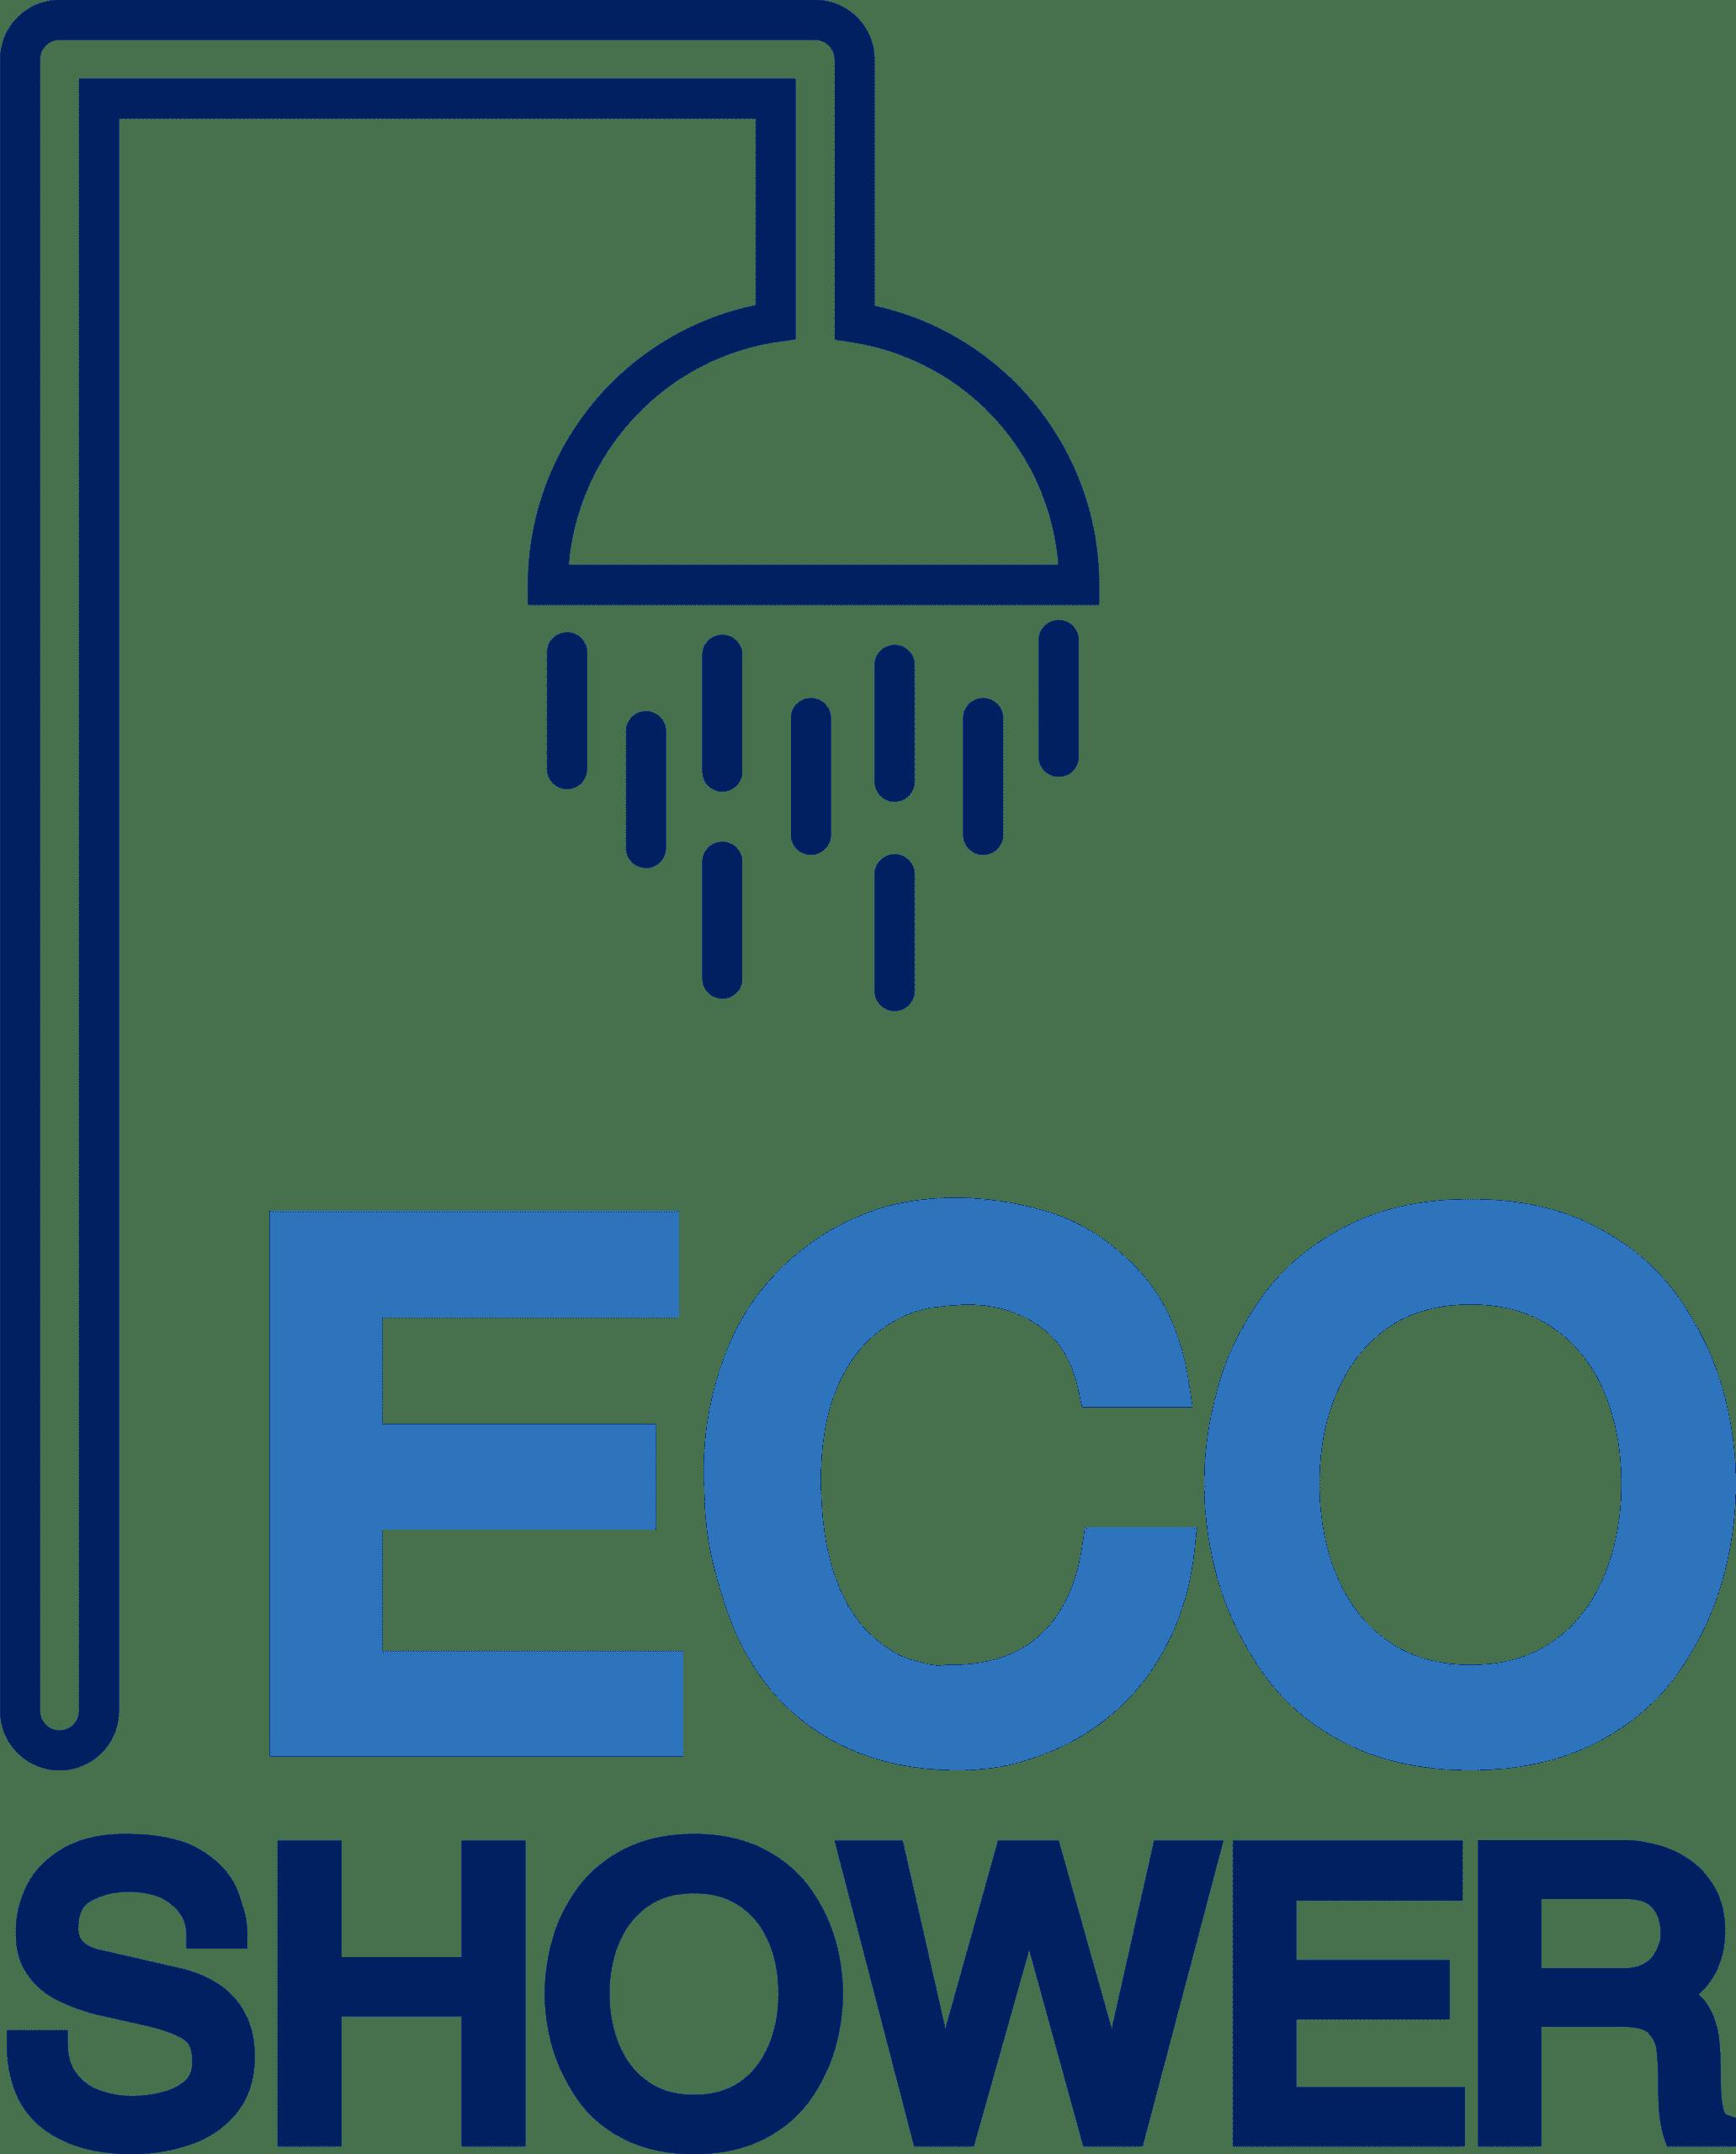 ecoshower logo